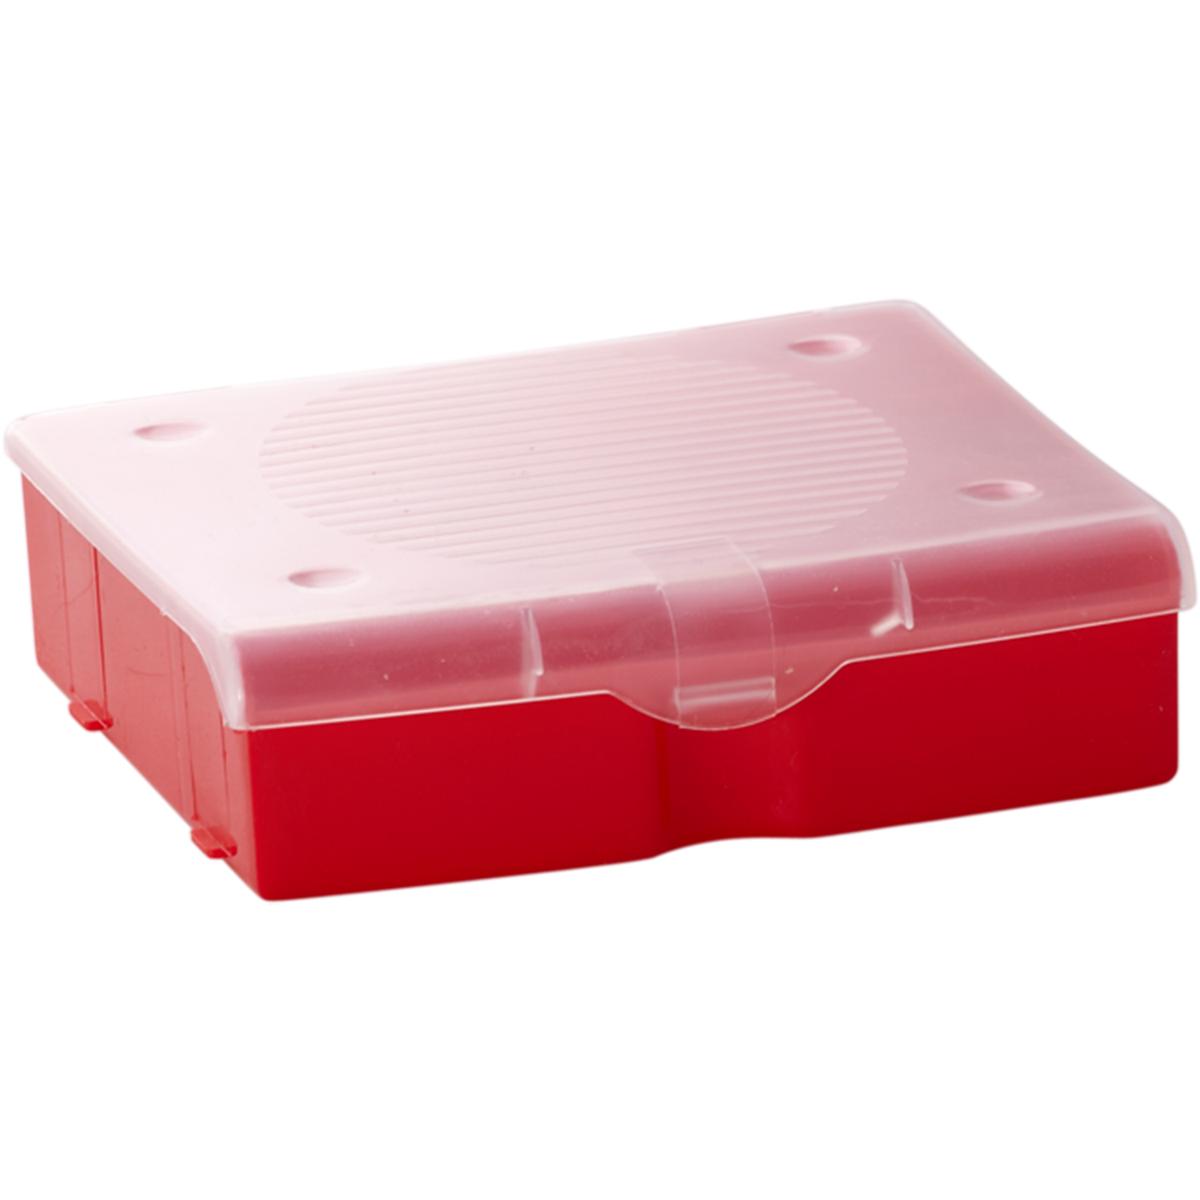 Органайзер для мелочей Blocker, цвет: красный, 17 х 16 х 4,5 смS03301004Органайзер для мелочей Blocker предназначен для оптимальной организациипространства. Внутреннее деление делает удобным размещениевнутри блока деталей, которые необходимо отделить друг от друга, а прозрачнаякрышка позволяет увидеть содержимое, не открывая блок. Подходит дляхранения швейных принадлежностей, мелких деталей и рыболовных снастей.Крышка плотно закрывается и предотвращает потерю содержимого.